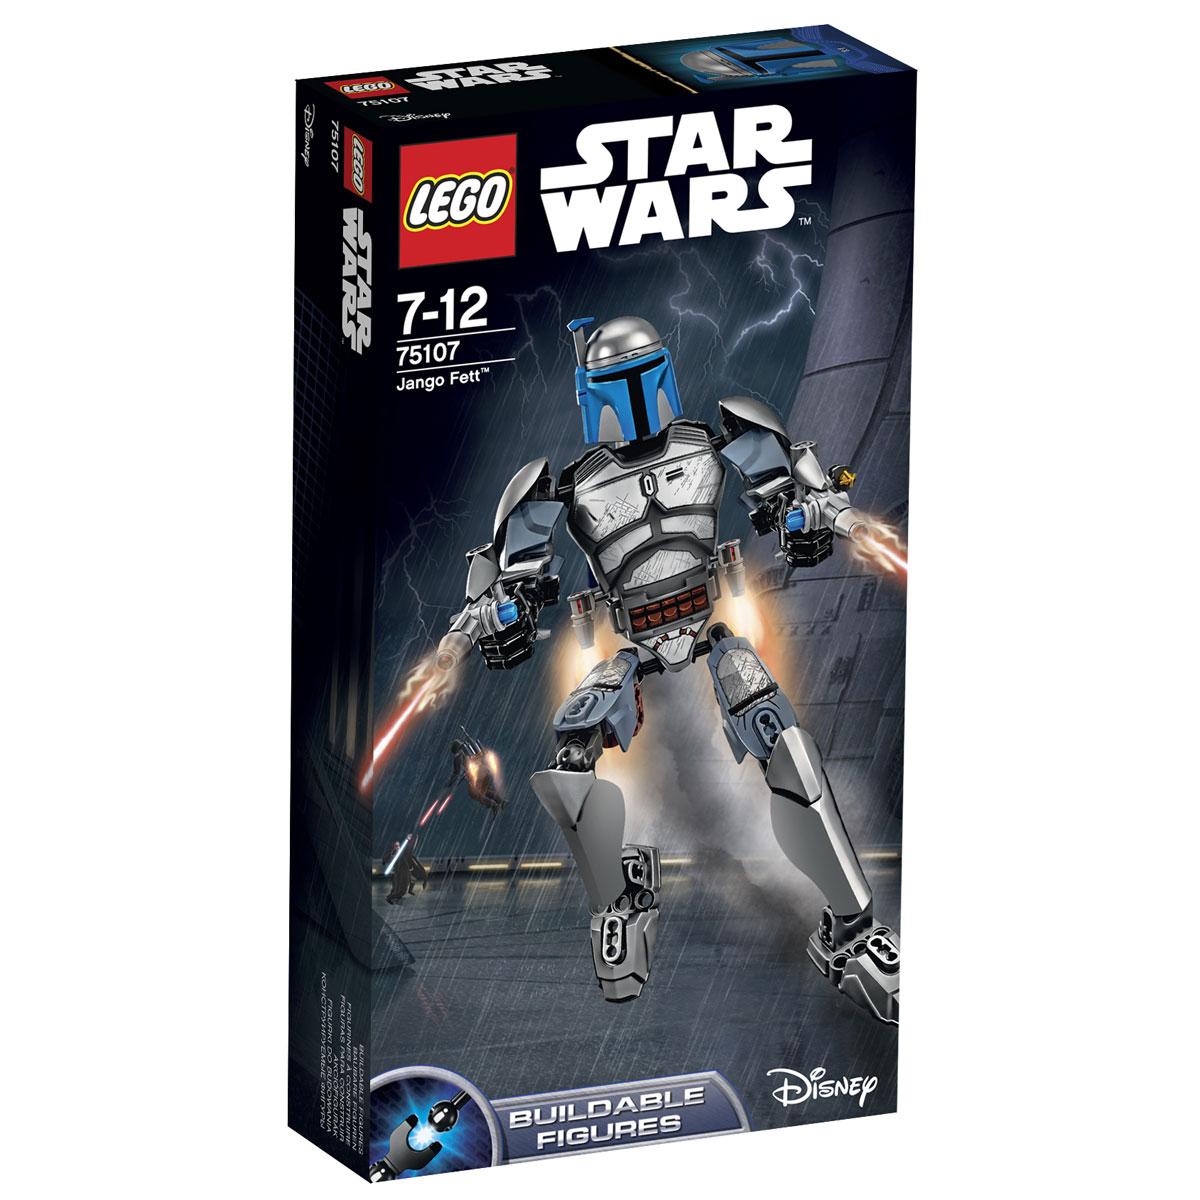 LEGO Star Wars Конструктор Джанго Фетт 7510775107Конструктор LEGO Джанго Фетт станет отличным подарком фанатам Звездных войн! Джанго Фетт имел репутацию решительного и беспринципного охотника за головами. Каждый свой заказ он выполнял с особой расчётливостью и точностью. В этом ему помогала не только физическая подготовка и мастерское владение оружием, но и уникальный бронированный костюм, покрывающий всё его тело. На голове Фетта всегда красовался гладкий шлем, сочетающий в себе функциональность, надёжность и стиль. Особое внимание было отведено защитным функция обмундирования. Наличие массивных бронированных пластин позволяло вступать в схватки даже с неравным противником, а дополнительное вооружение делало Джанго практически неуязвимым. Кроме двух идентичных пистолетов он использовал складные лезвия для метания, закреплённые на запястье. Главной особенностью бронекостюма являлся реактивный ранец, закреплённый на спине. С его помощью Фетт мог эффективно маневрировать и превосходить своих оппонентов, как в скорости, так и...